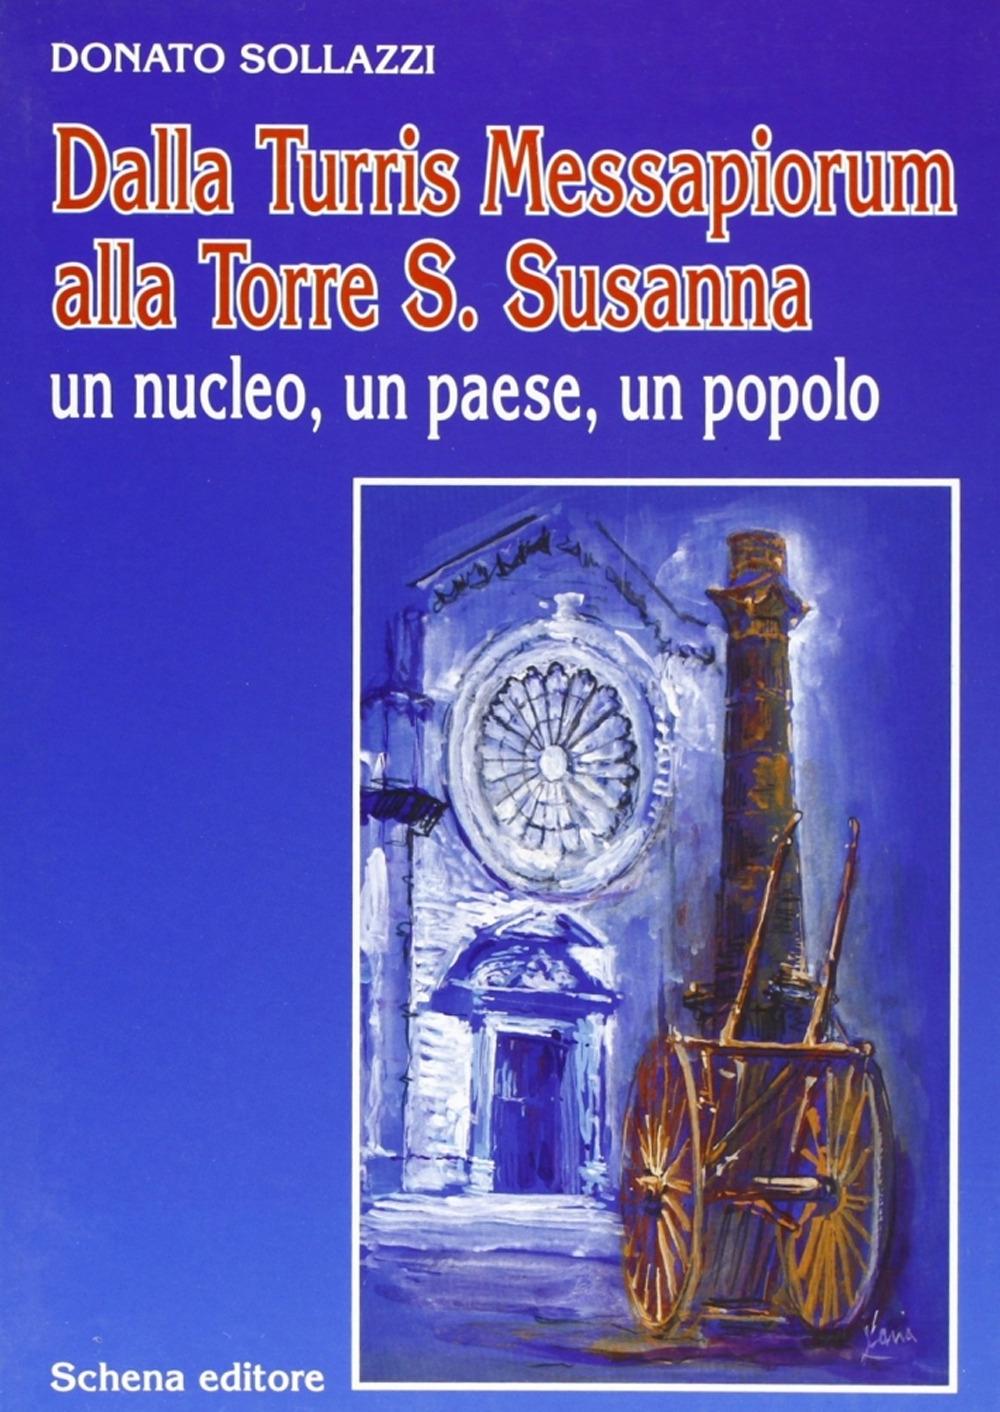 Dalla Turris Messapiorum alla Torre S. Susanna. Un nucleo, un paese, un popolo